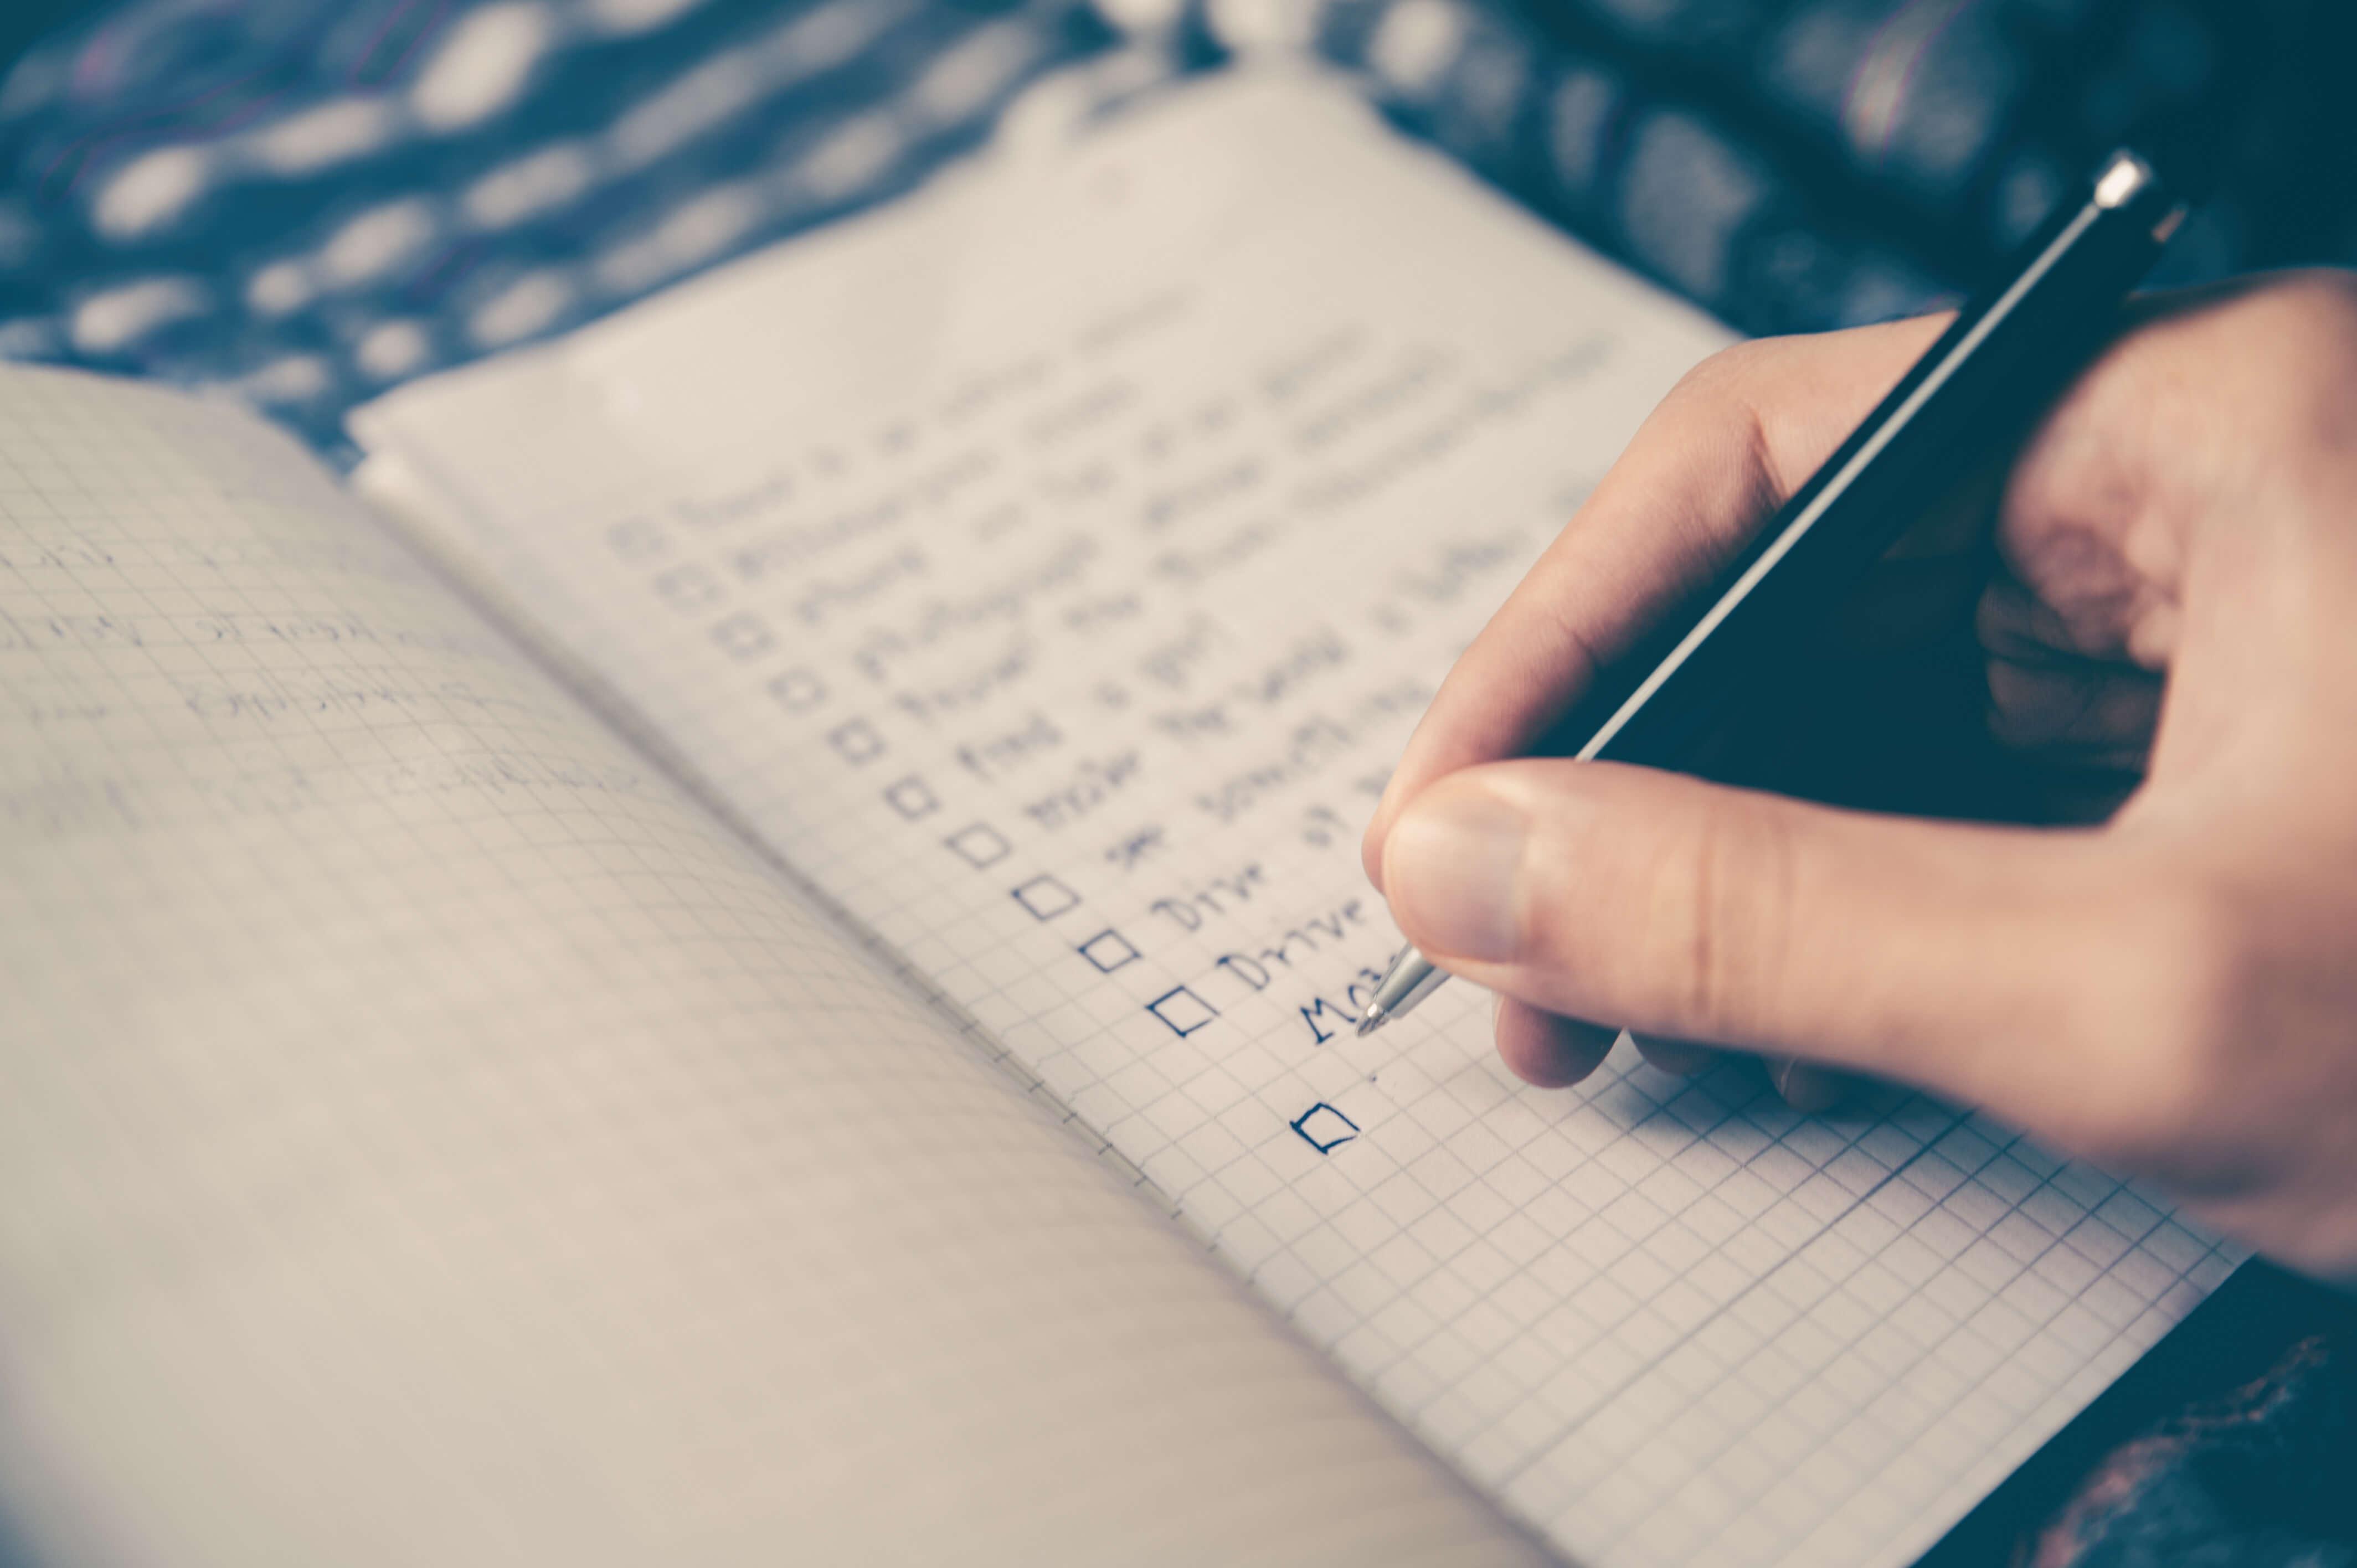 Testi SEO: una check-list